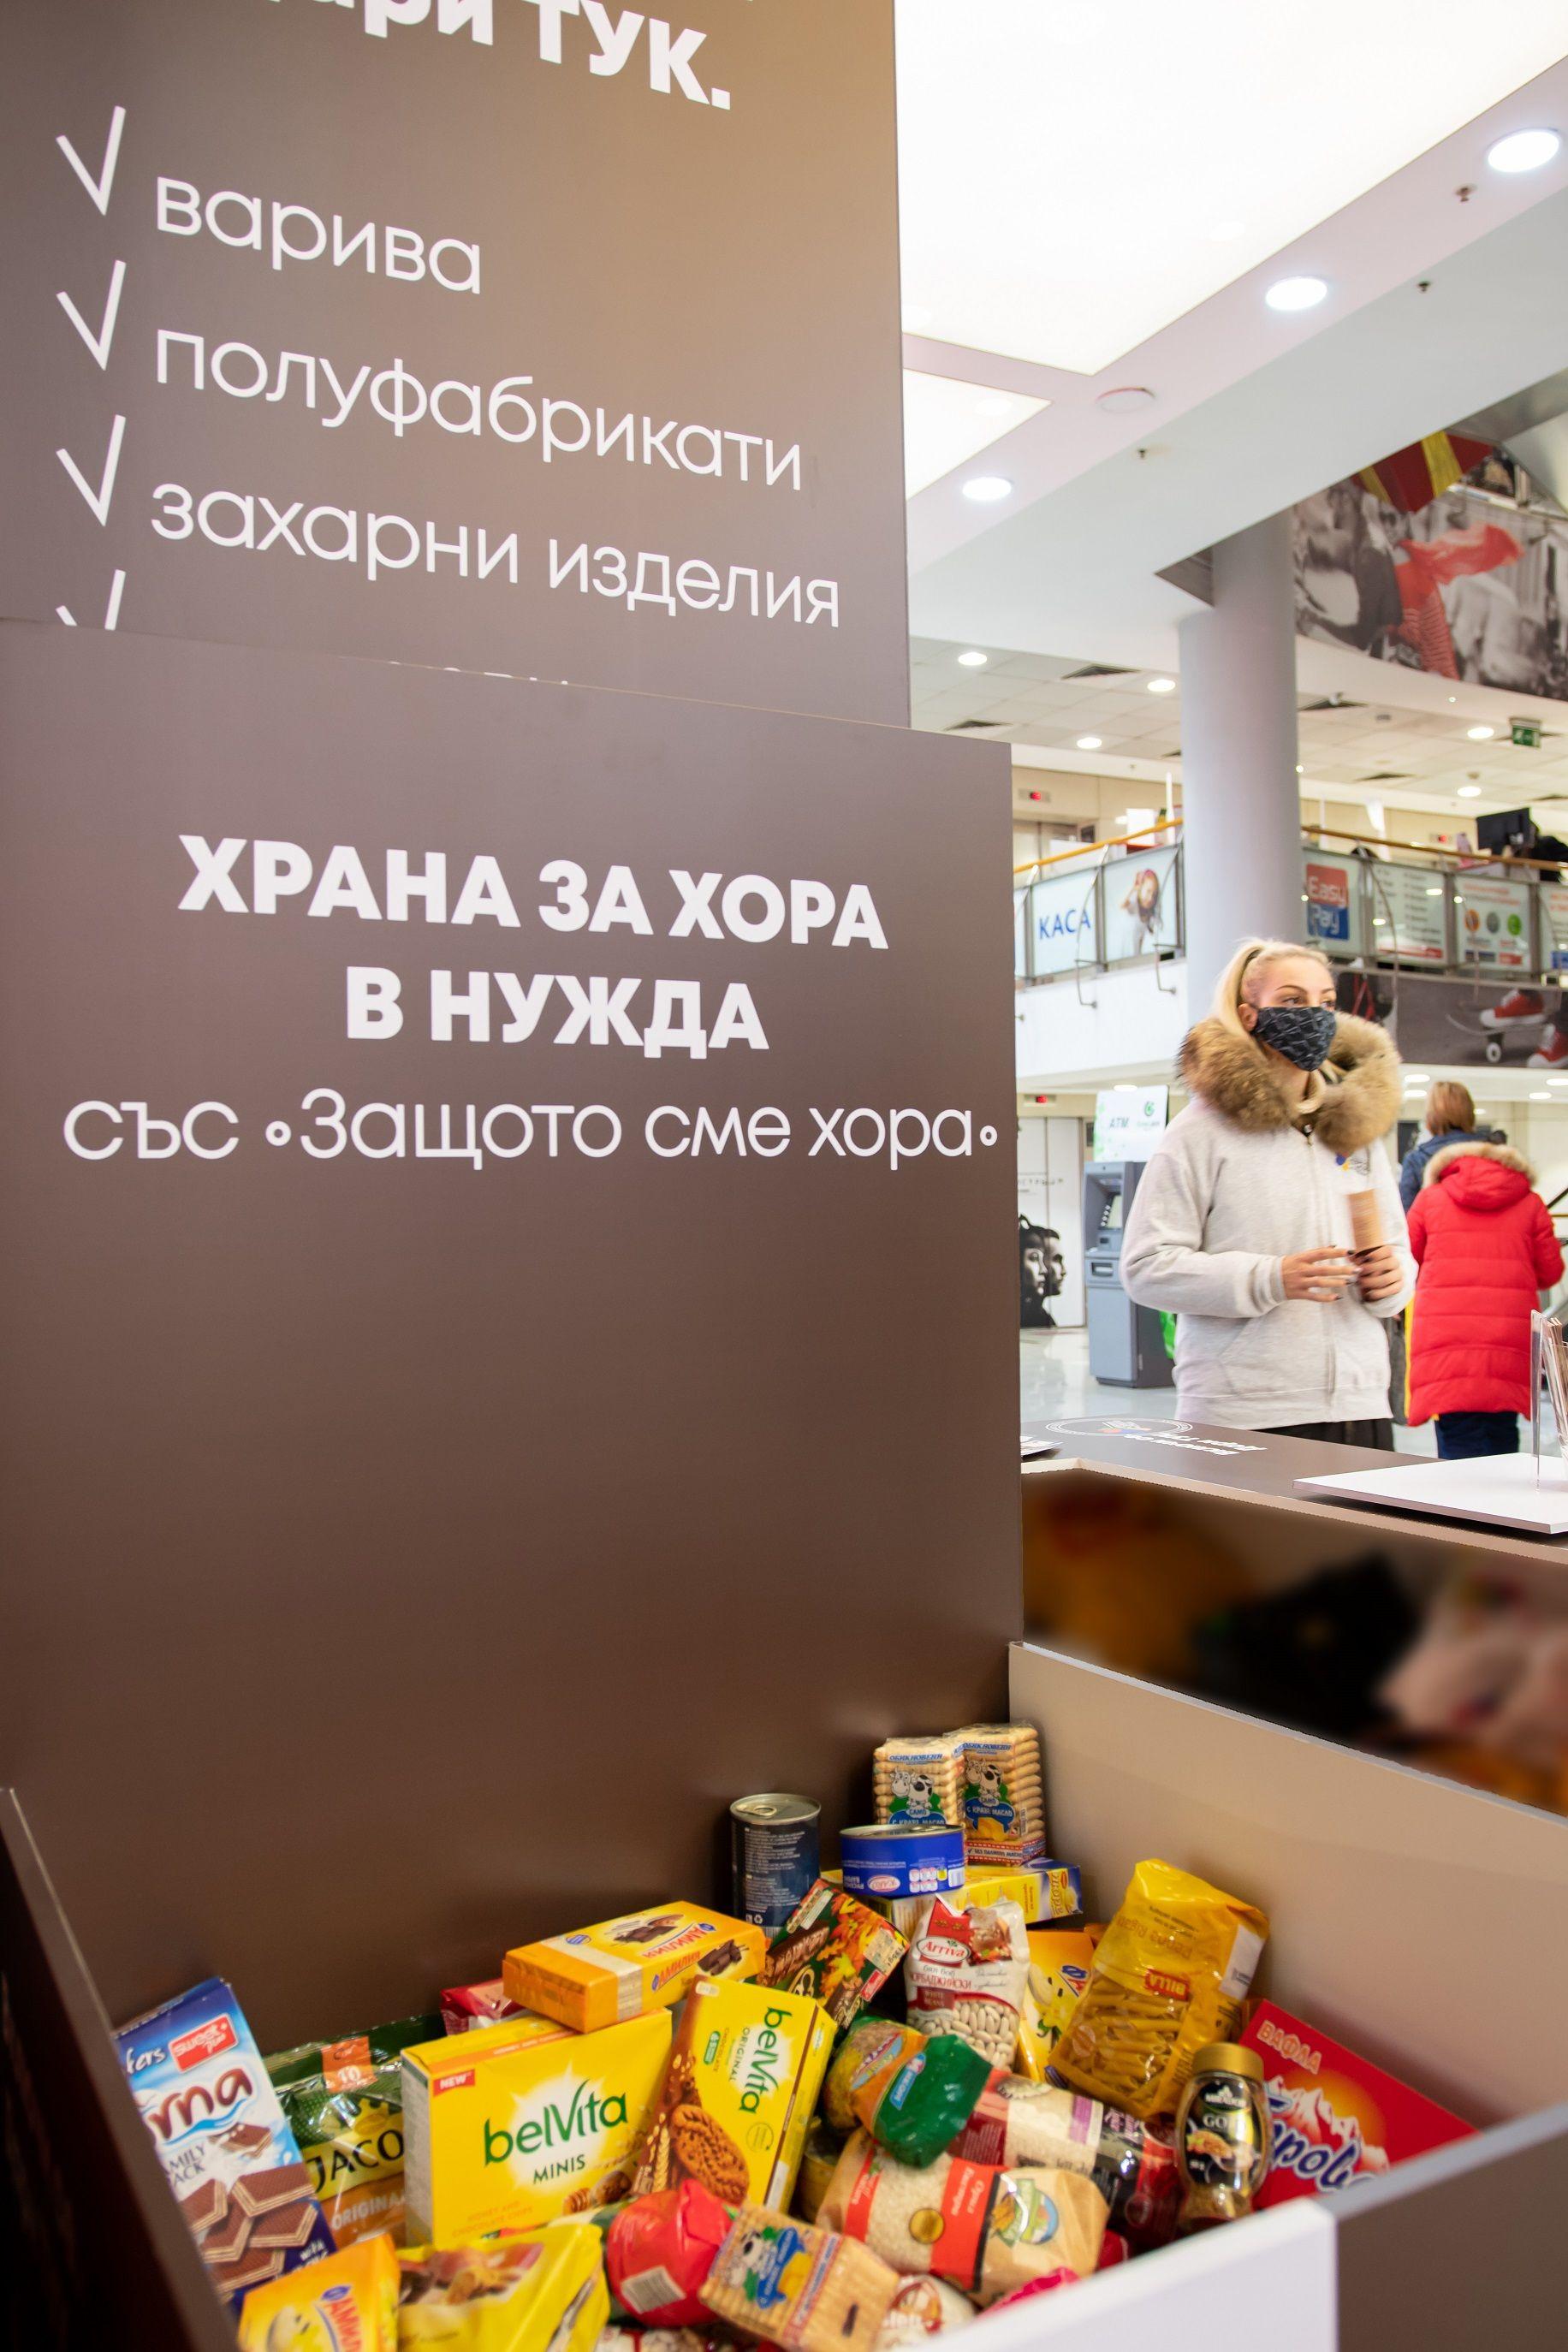 В периода до 20 декември 2020 всеки може да закупи пакетирани хранителни продукти по списък, публикуван на сайта на Mall of Sofia